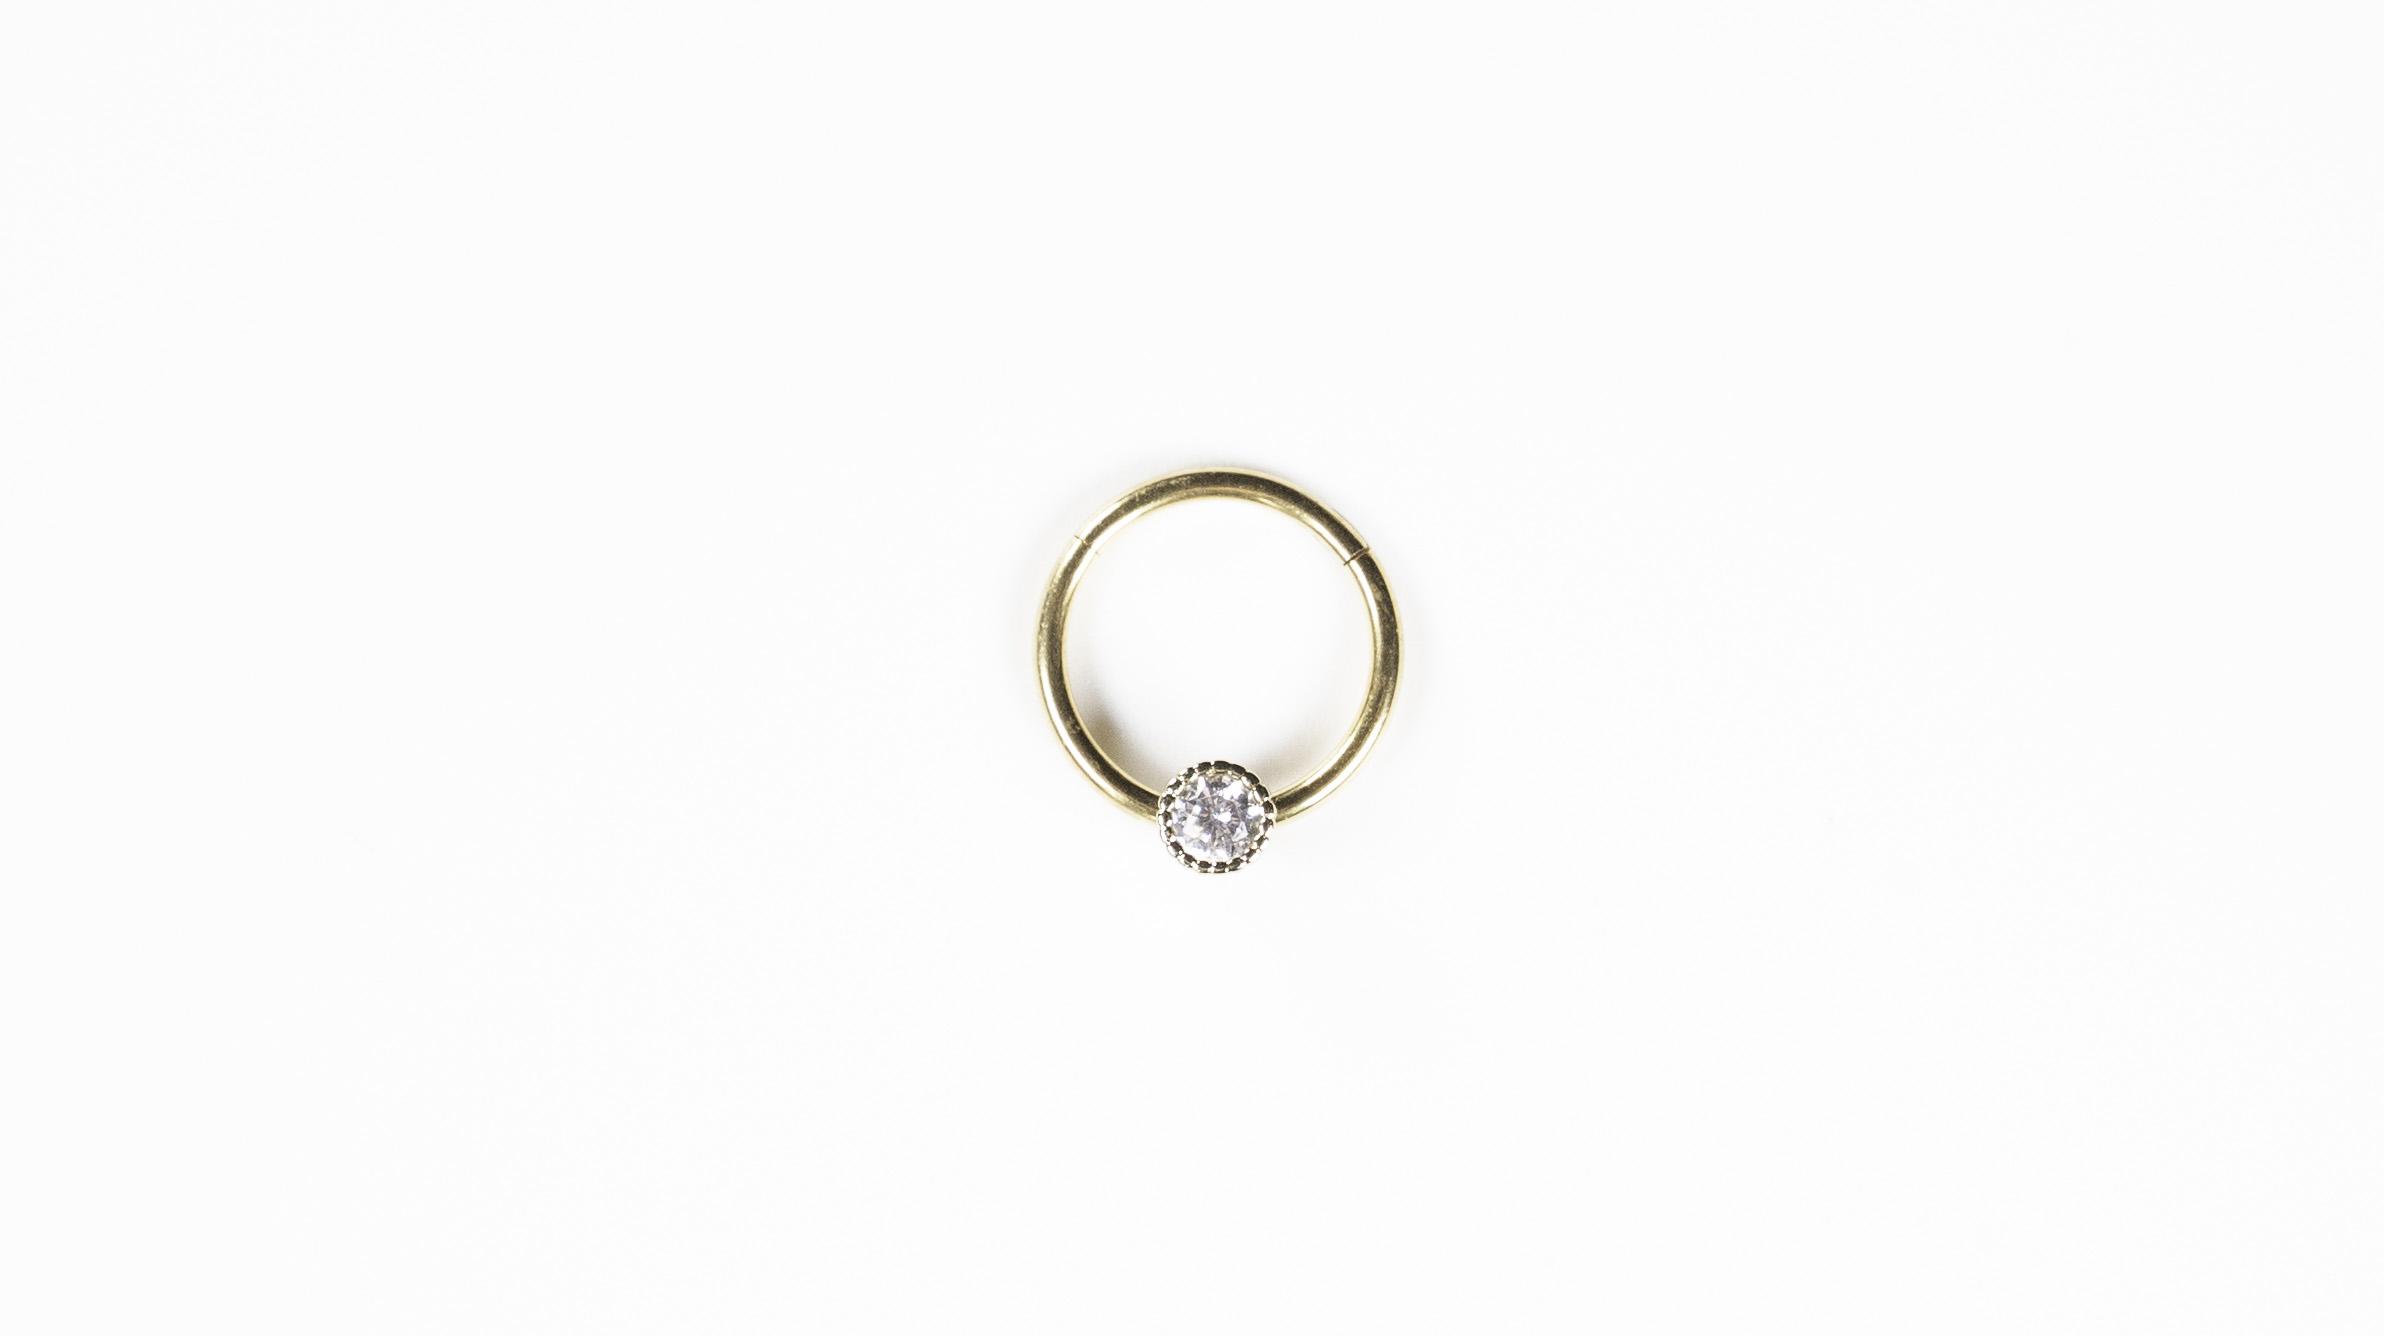 Diamond Solitaire Huggie - Bella Andrea London (2)